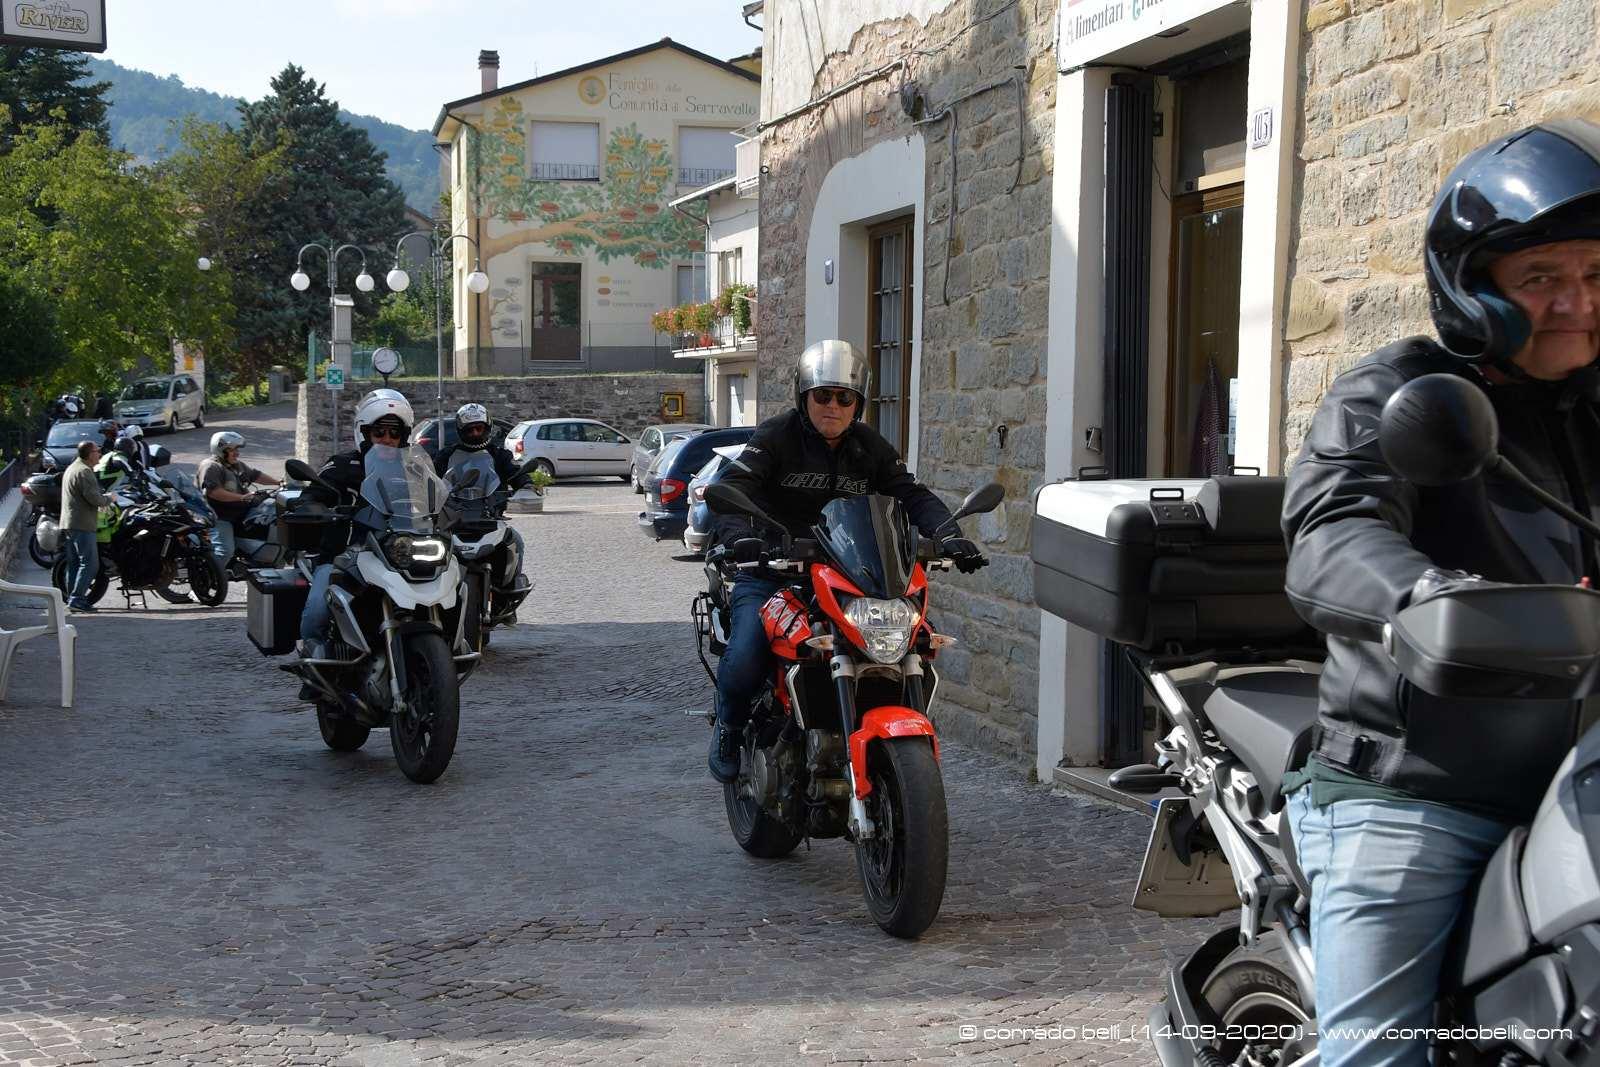 0215_-Benelli-Week-14-09-20